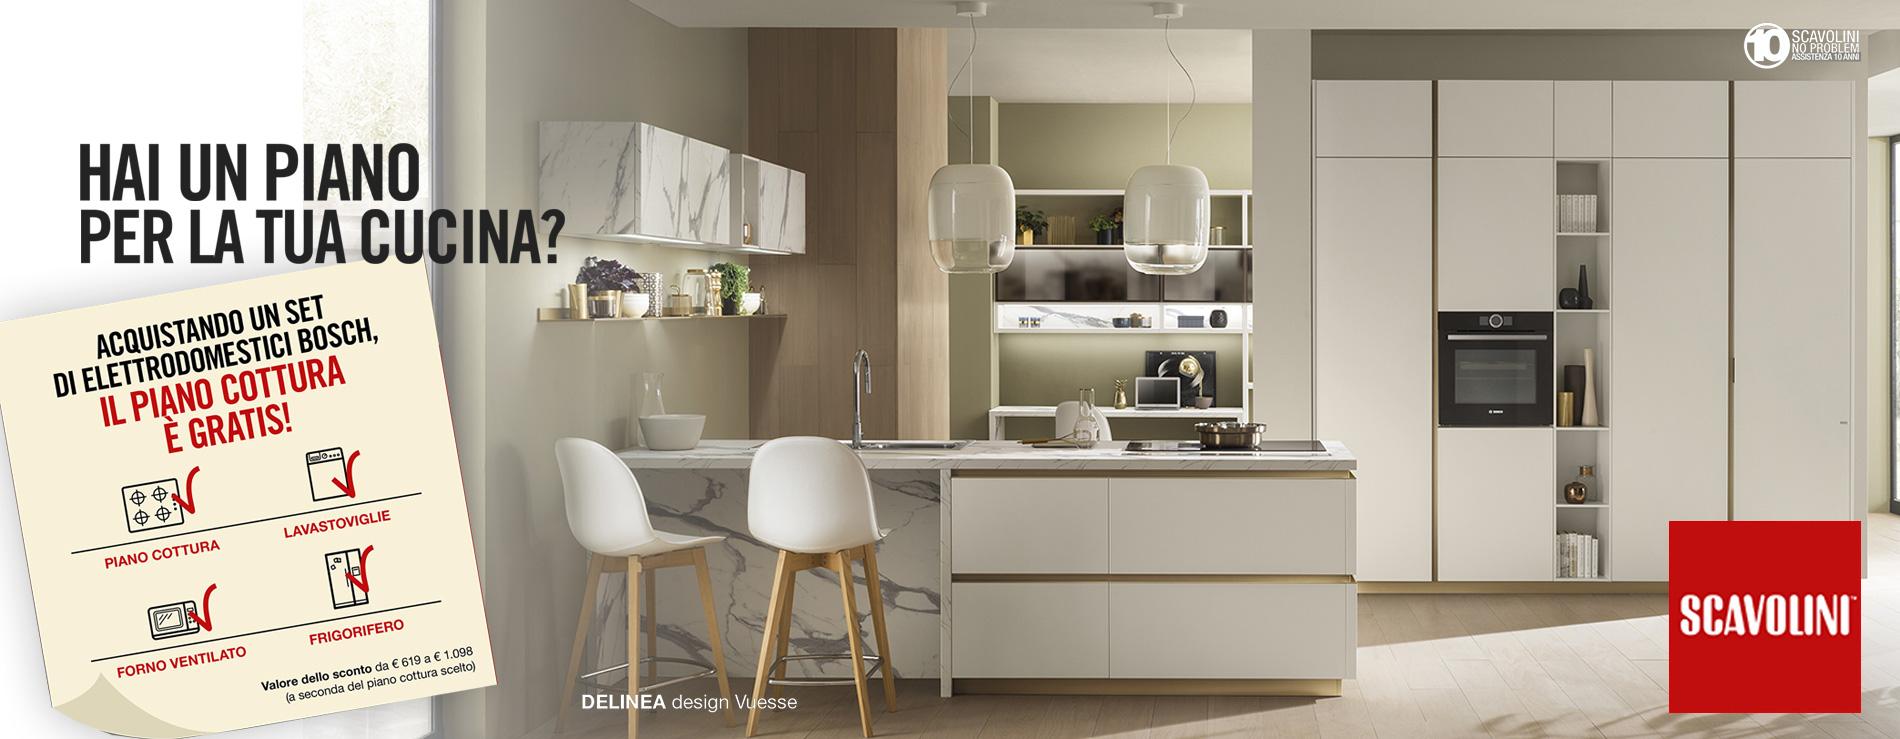 Hai un piano per la tua cucina?